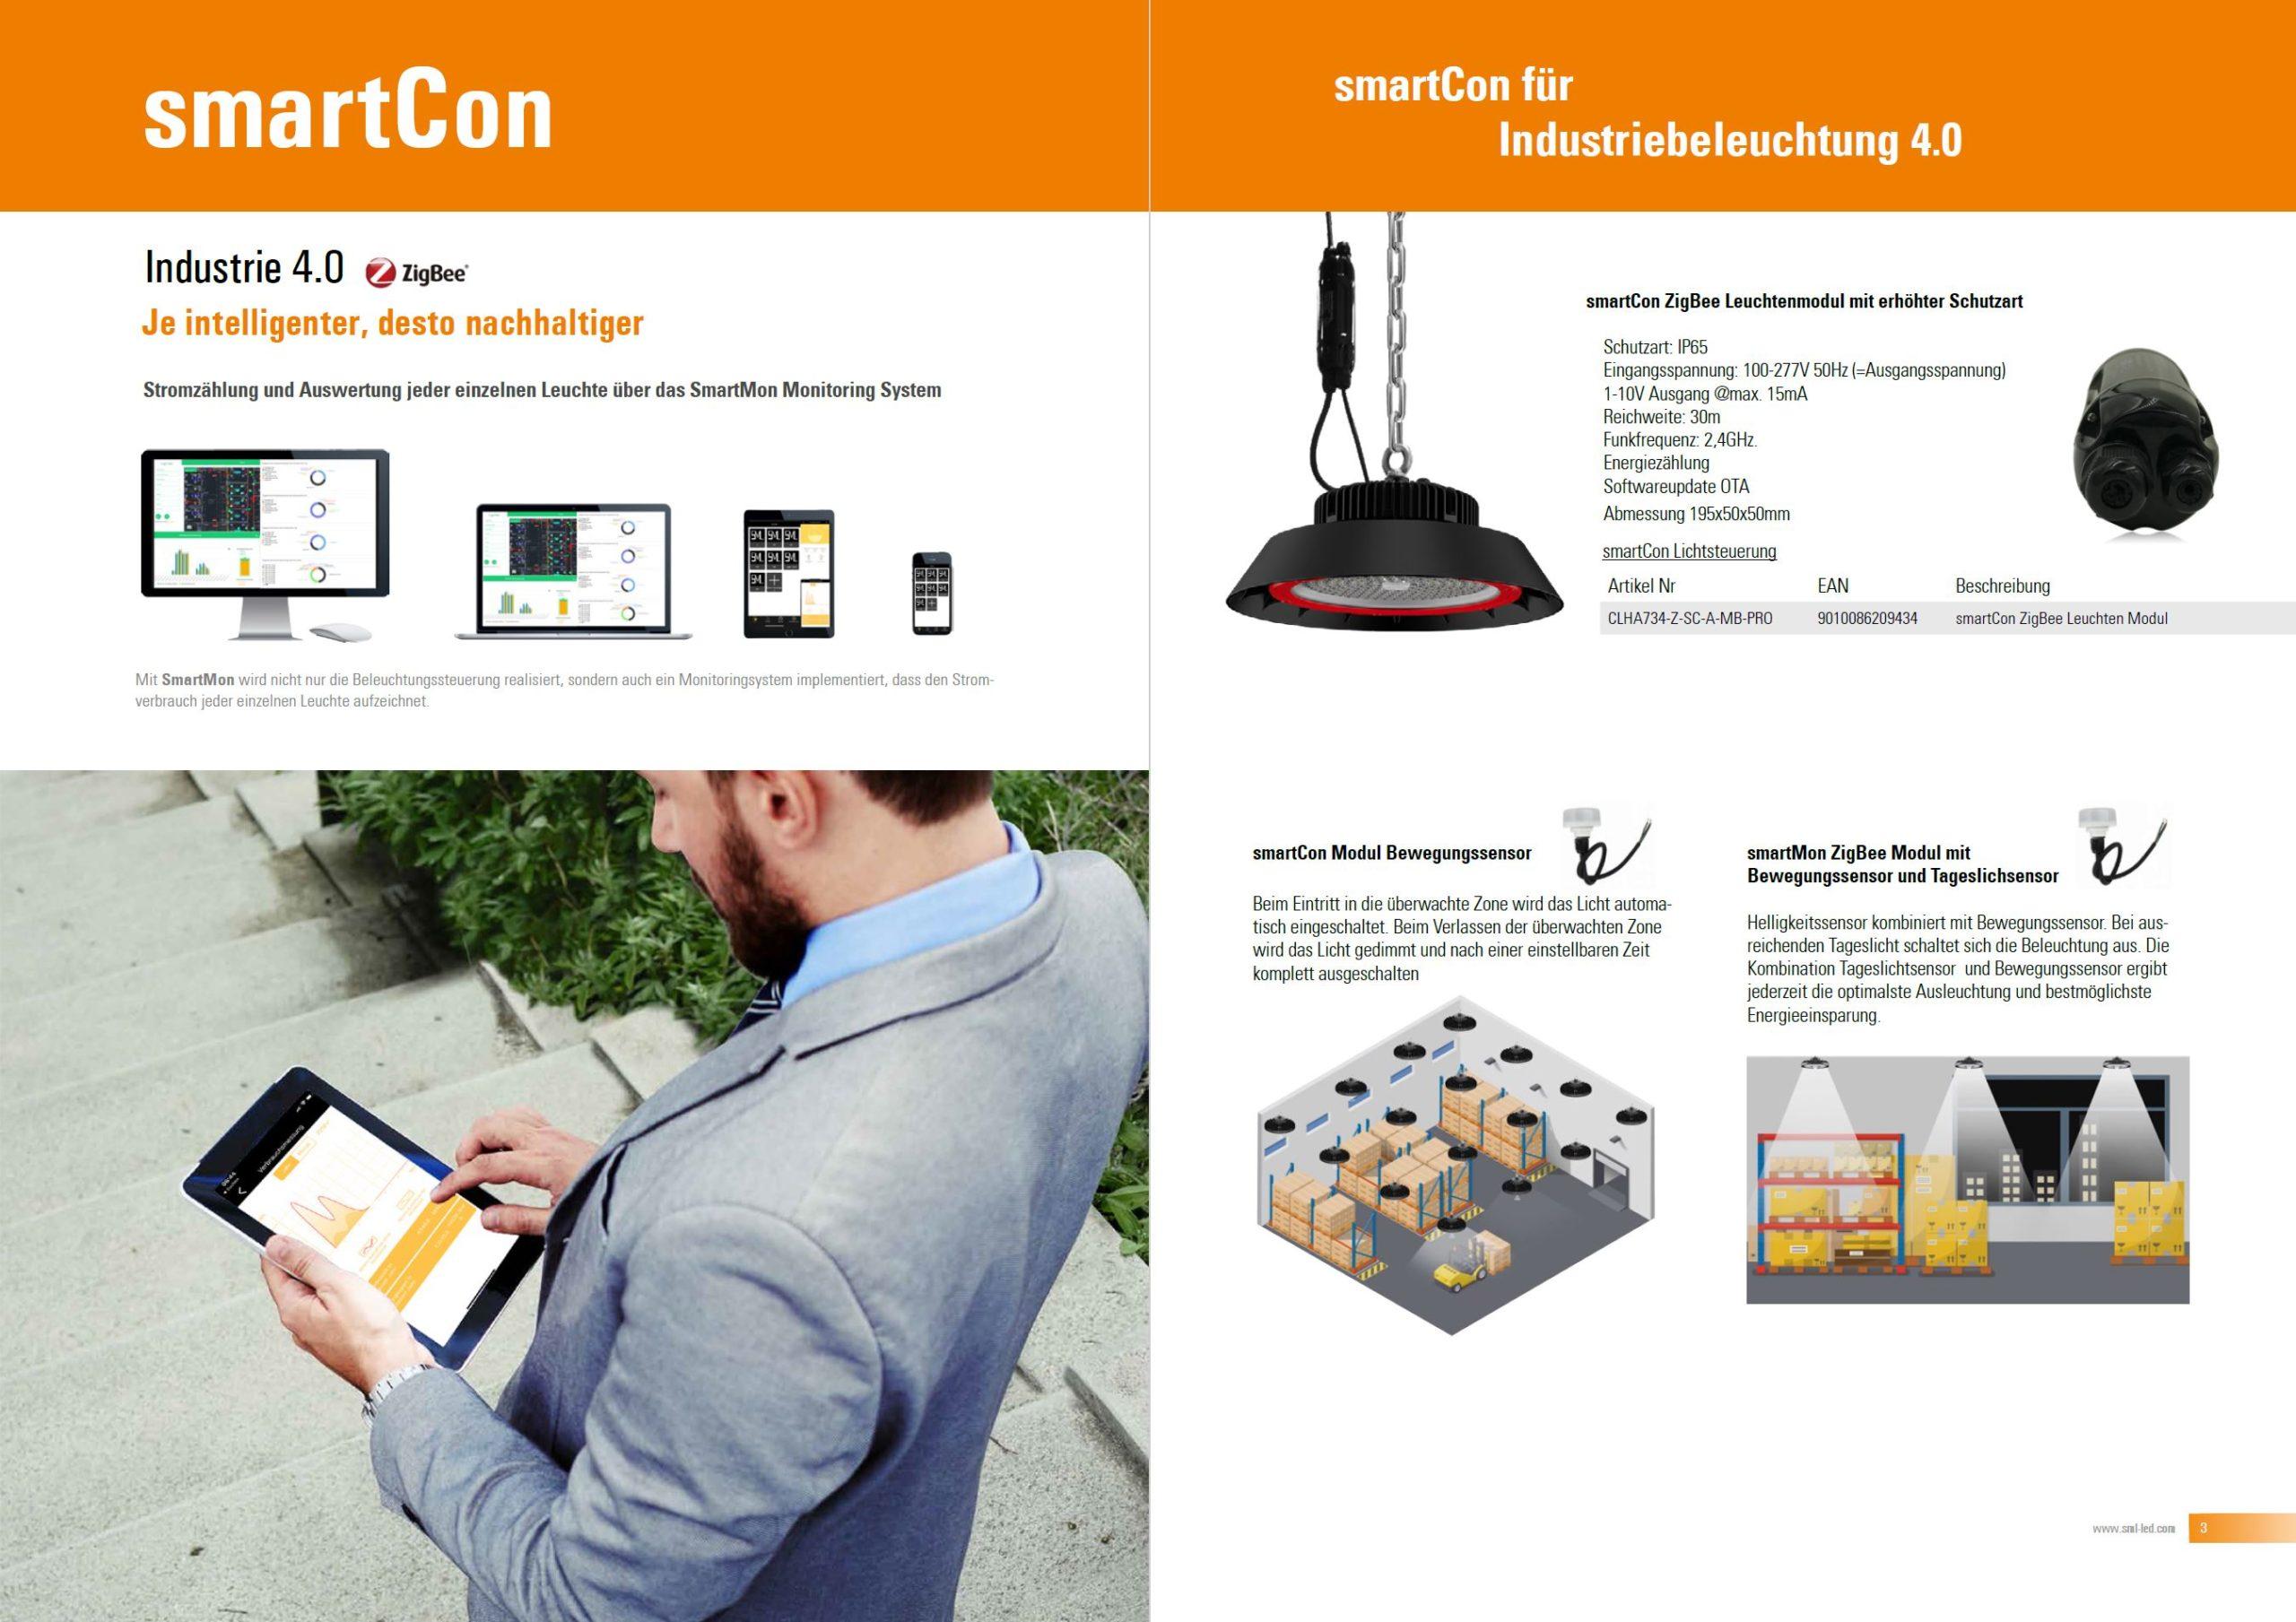 Zigbee Lichsteuerung smartCon von SML LED smart mit led gmbh